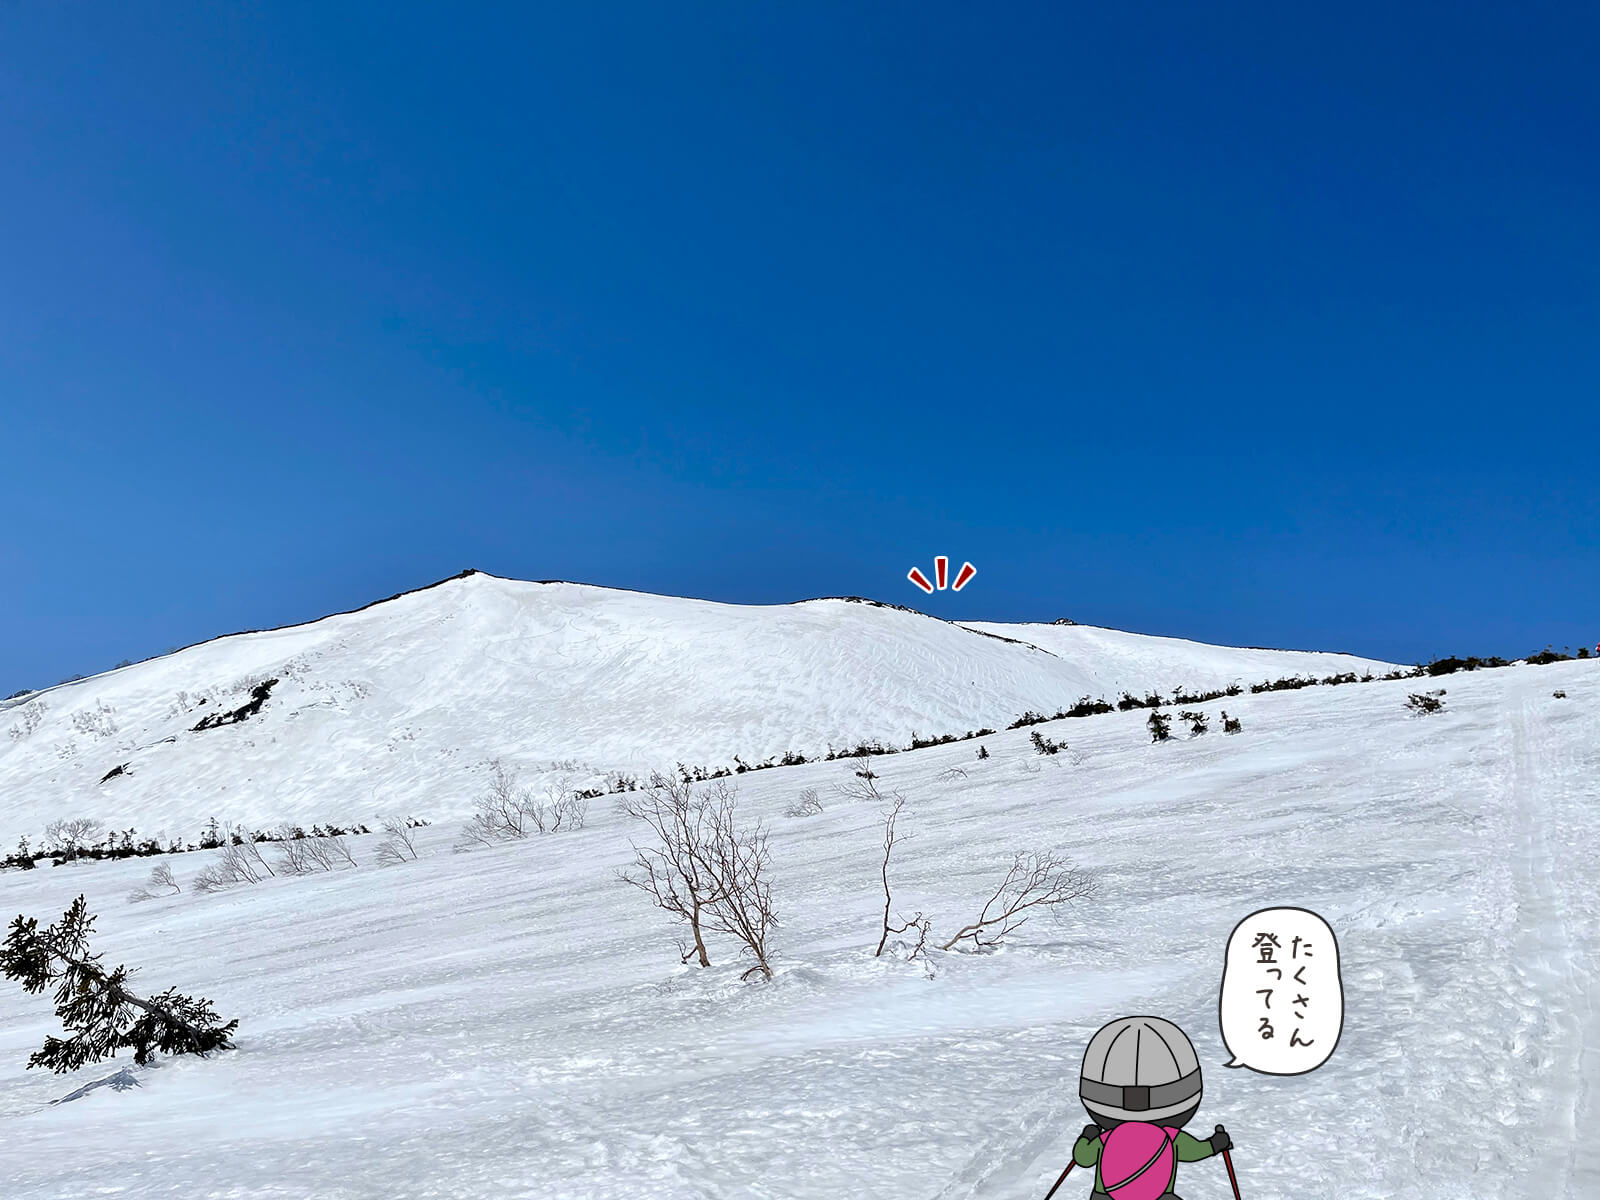 白馬乗鞍岳へ向かって登る人々